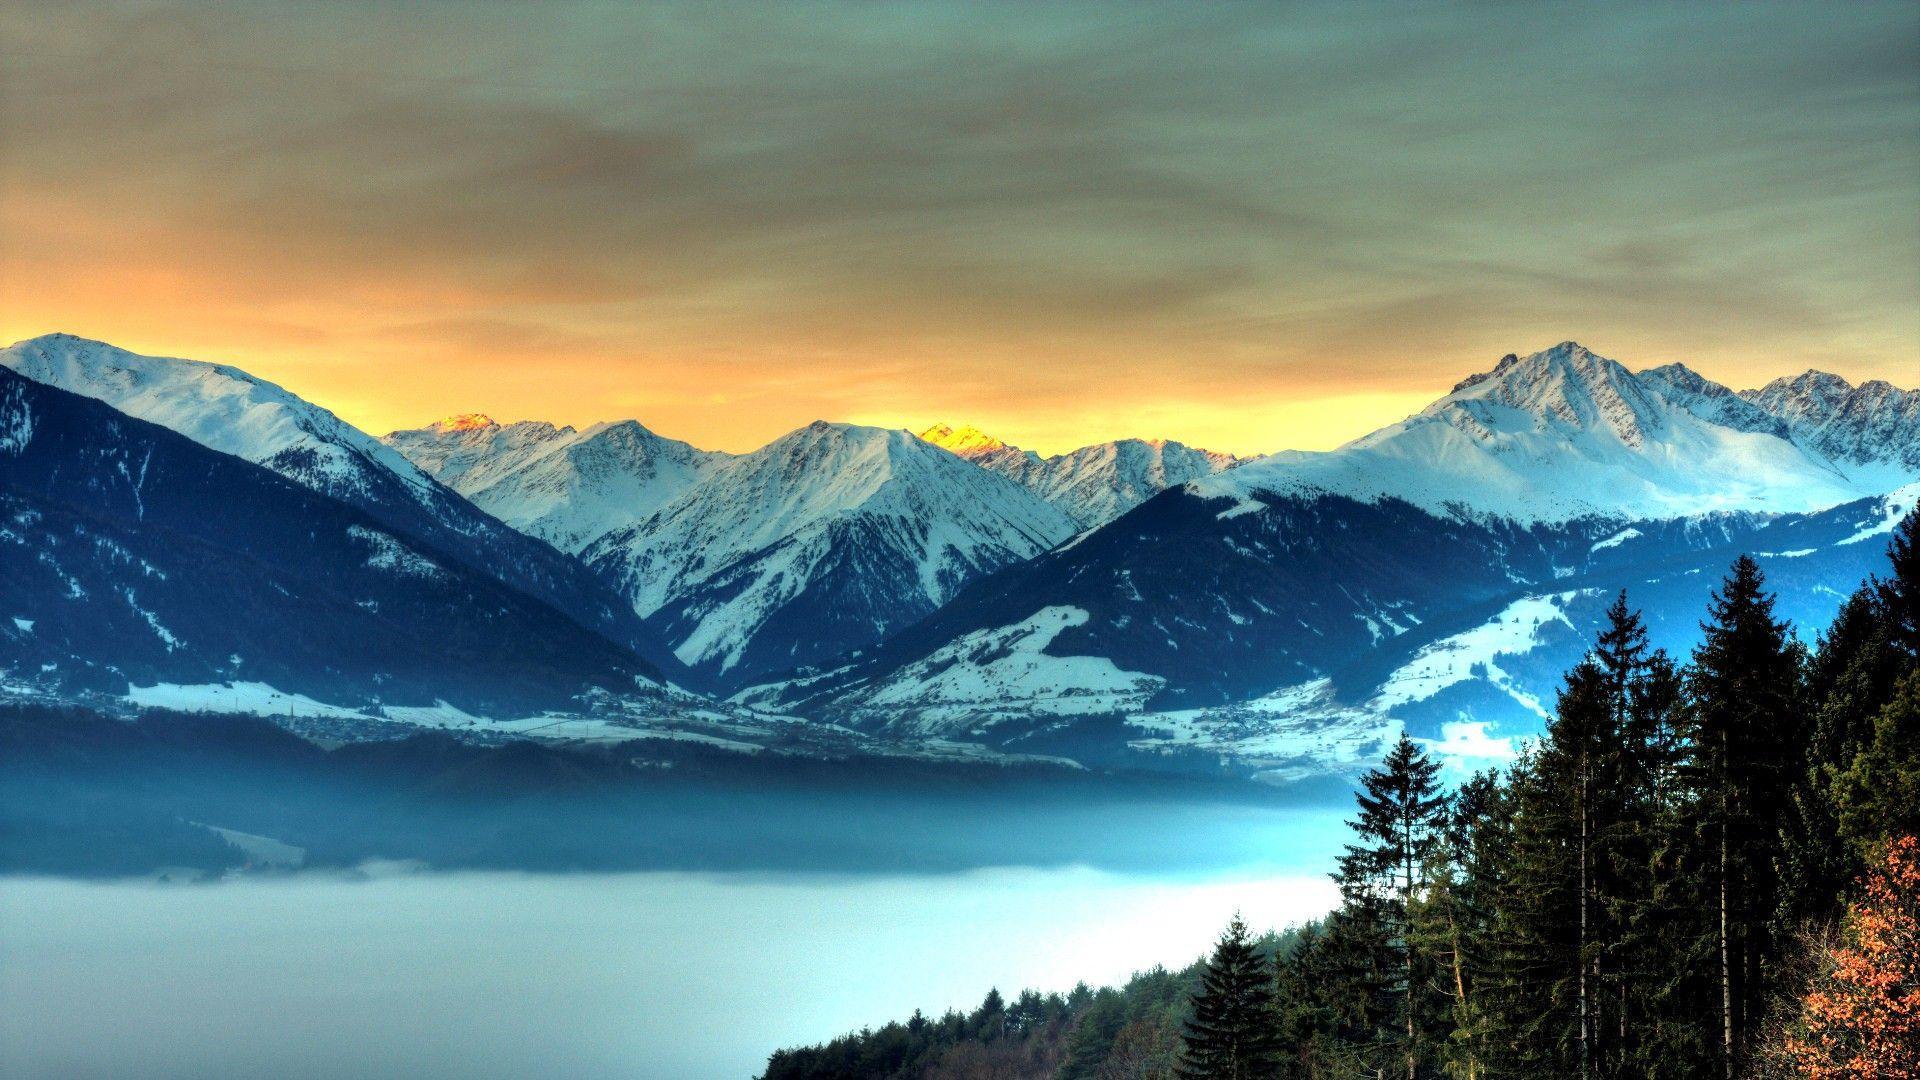 Hình nền và hình ảnh dãy núi đẹp 1920x1080 HD.  Phong cảnh HD